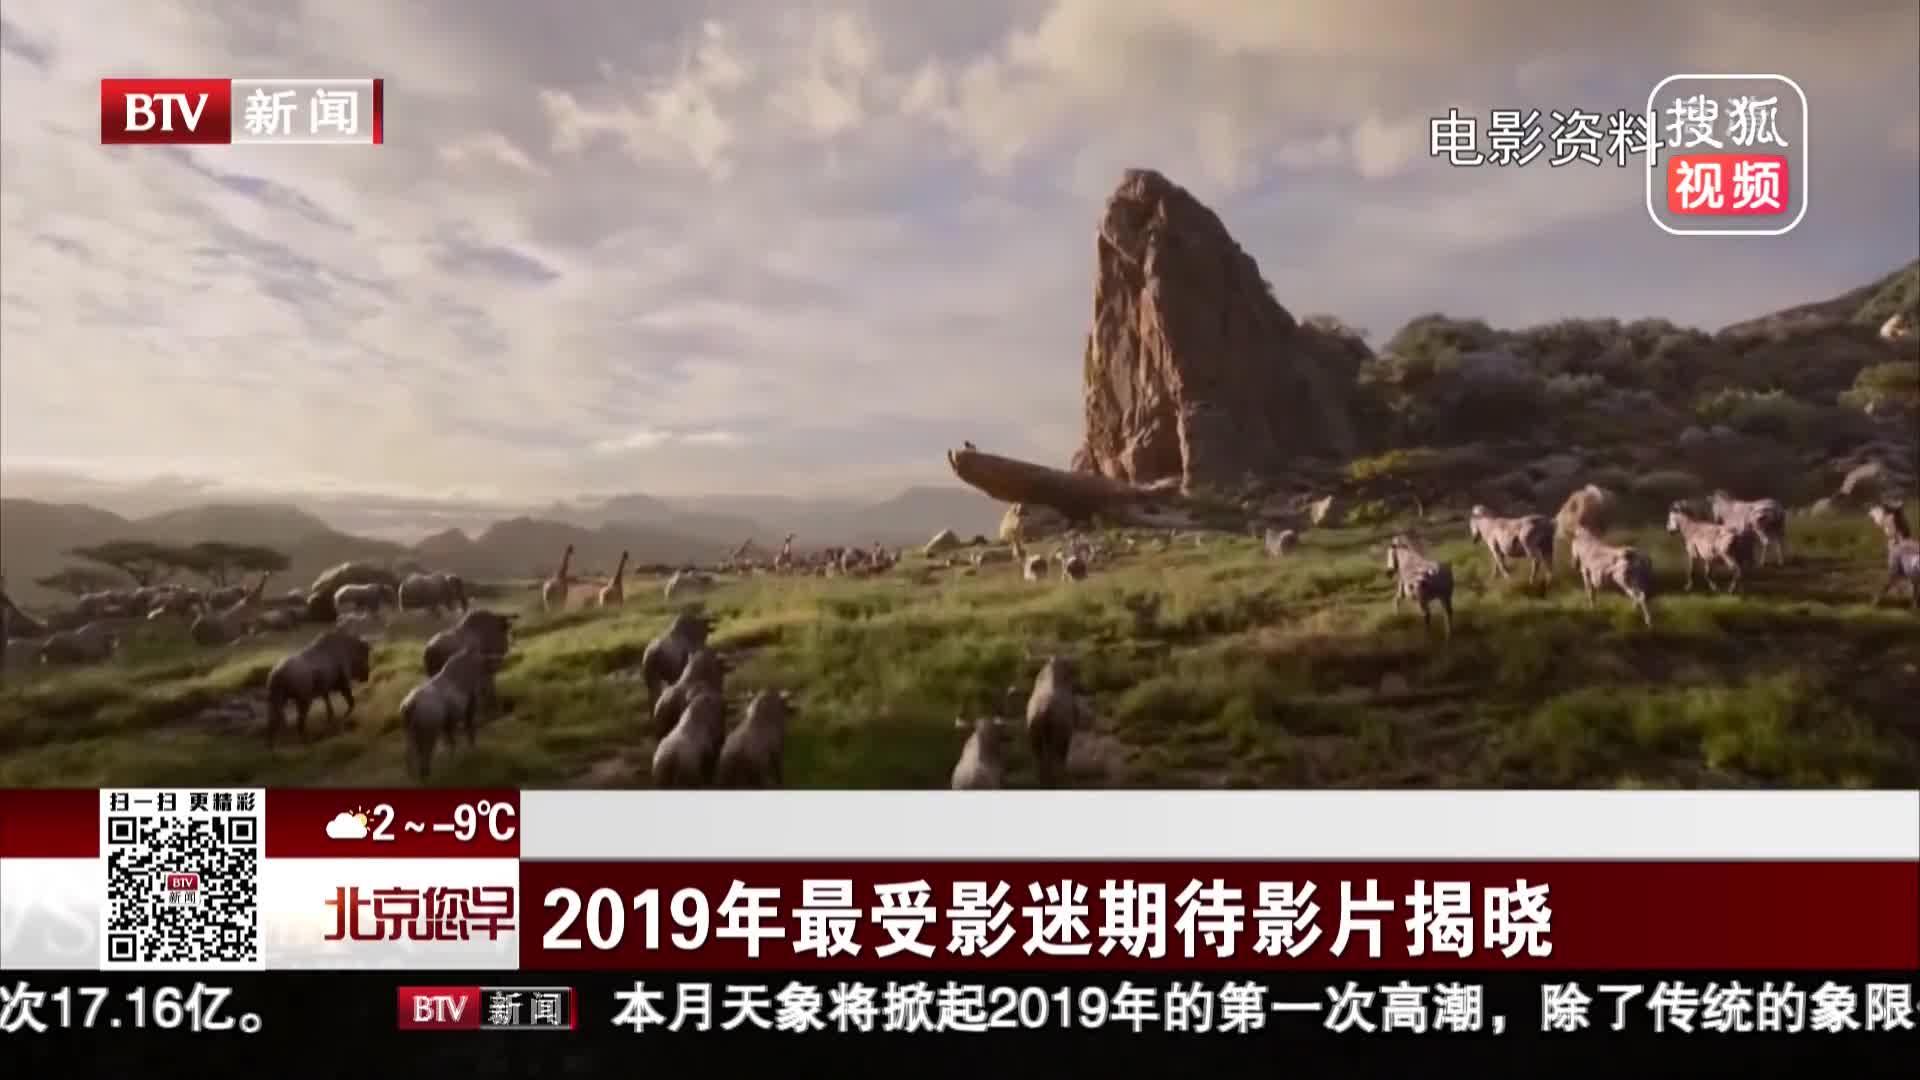 [视频]2019年最受影迷期待影片揭晓